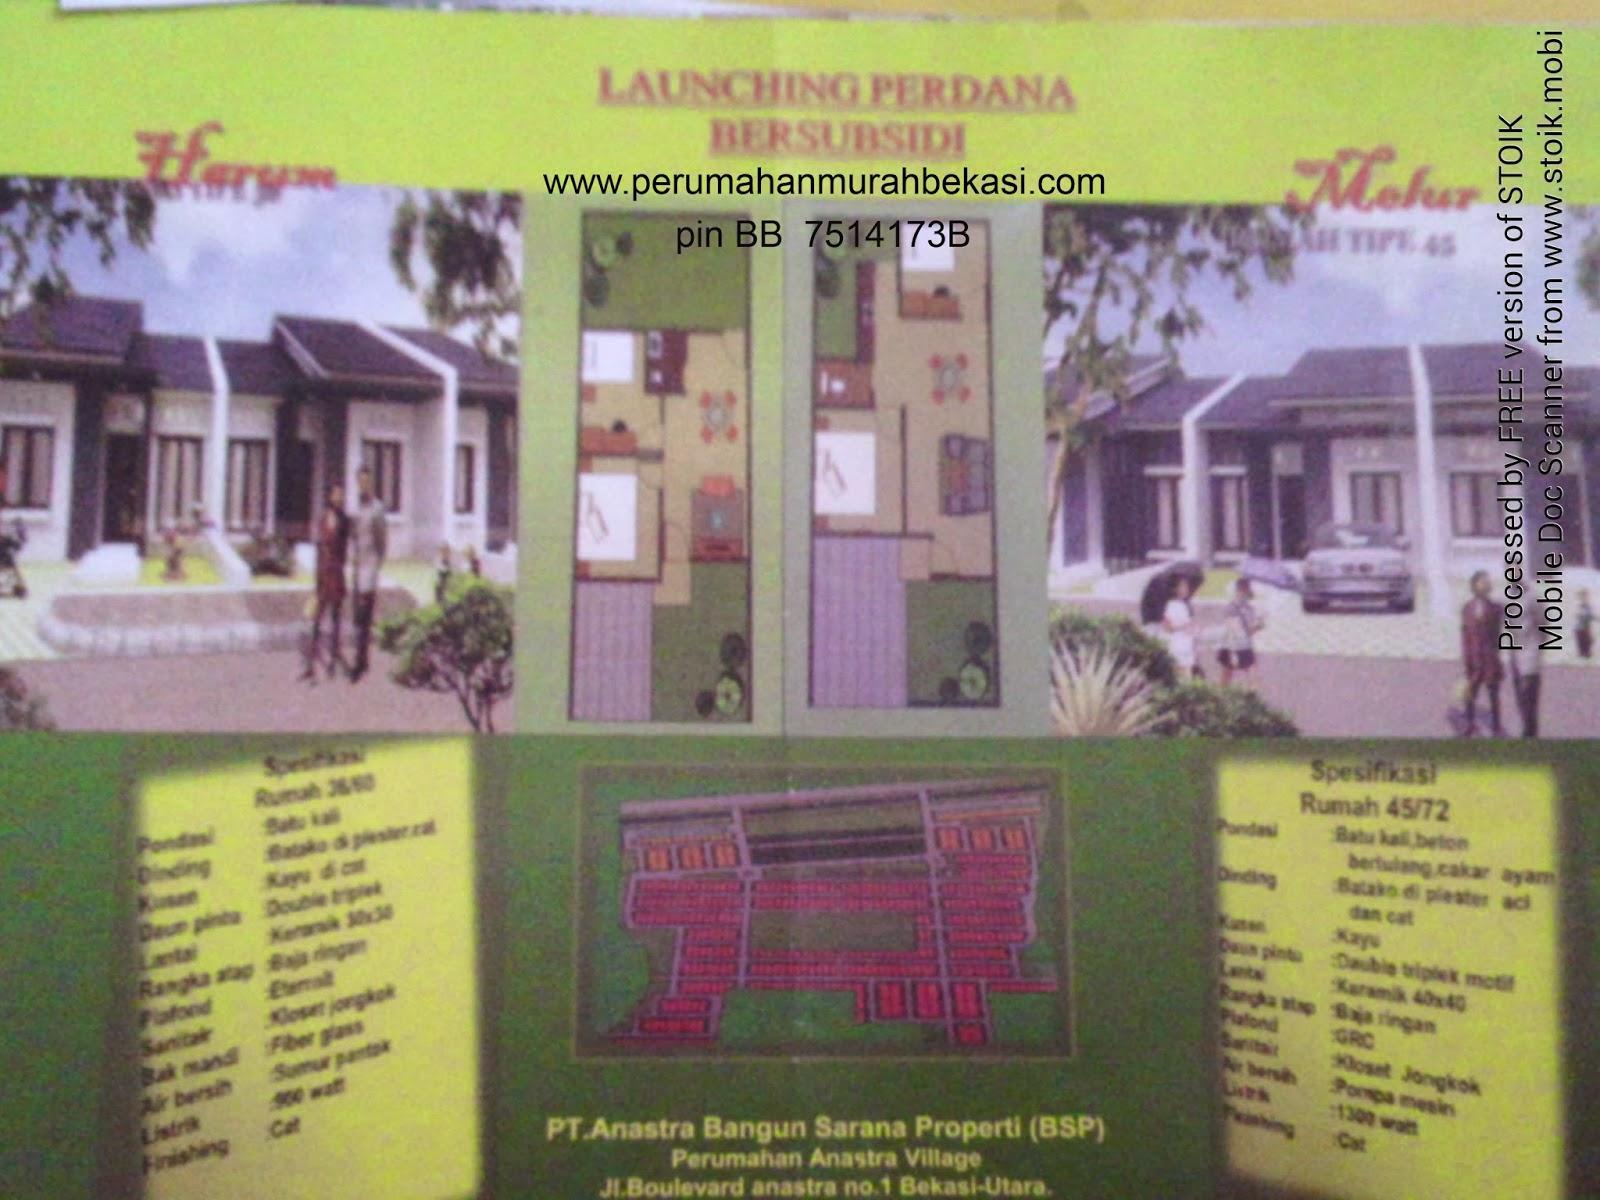 Perumahan Anastra Village Bekasi Utara